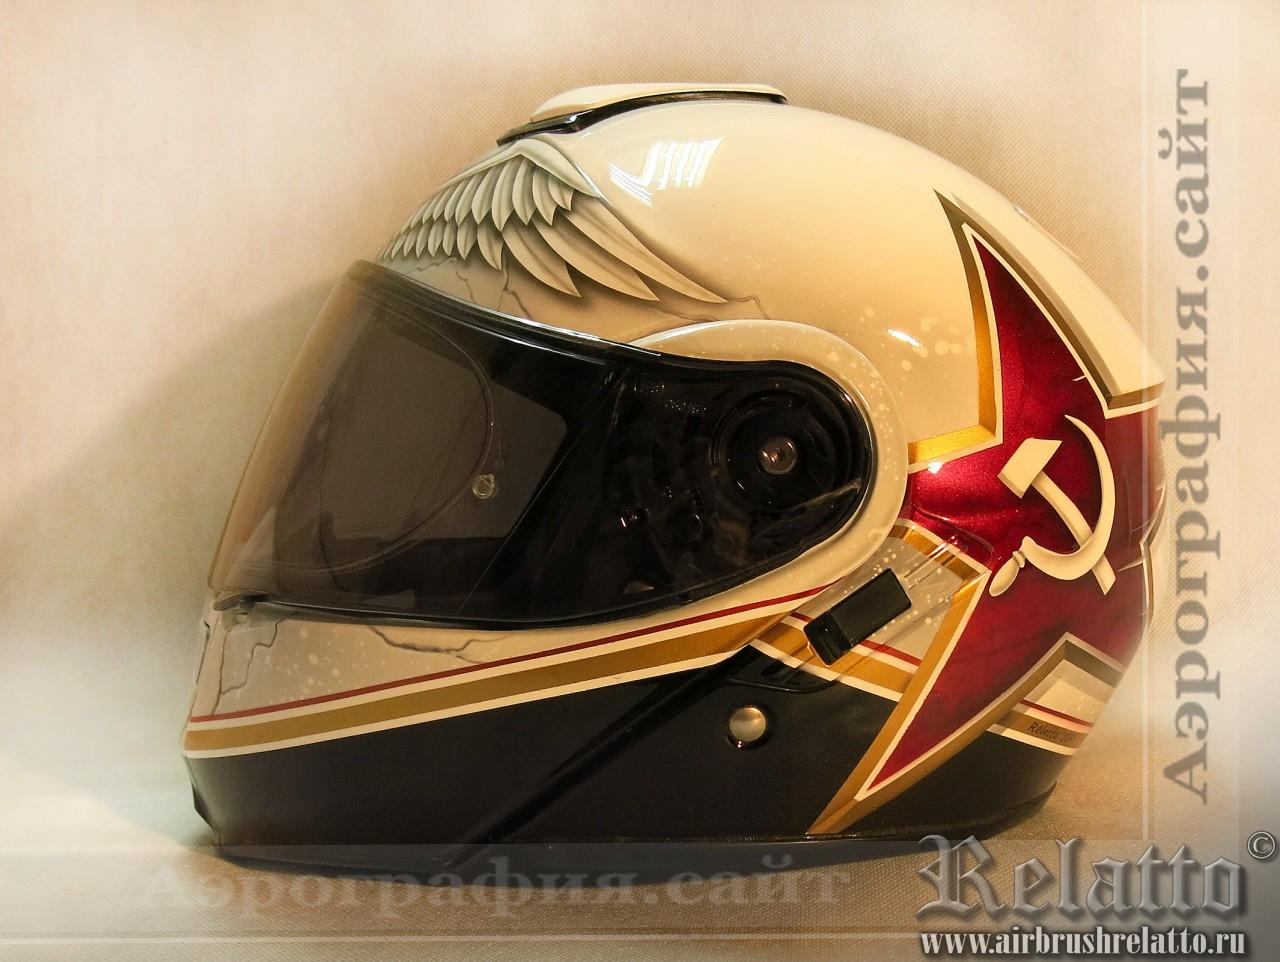 Шлем Shoel с звездой